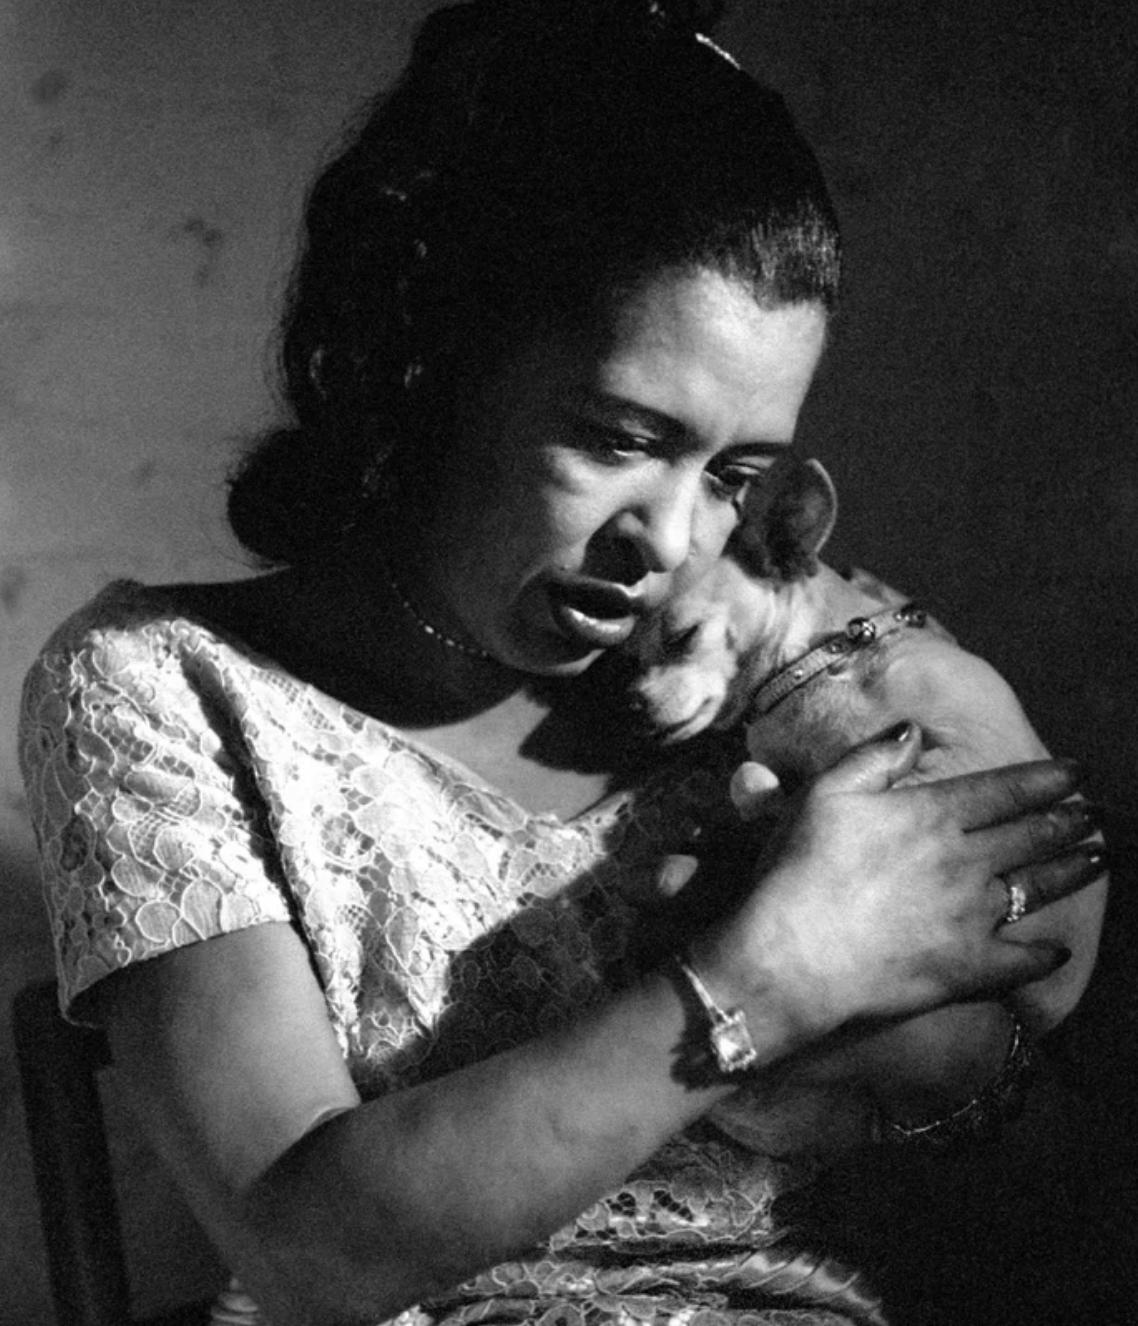 The United States of America v. Billie Holiday